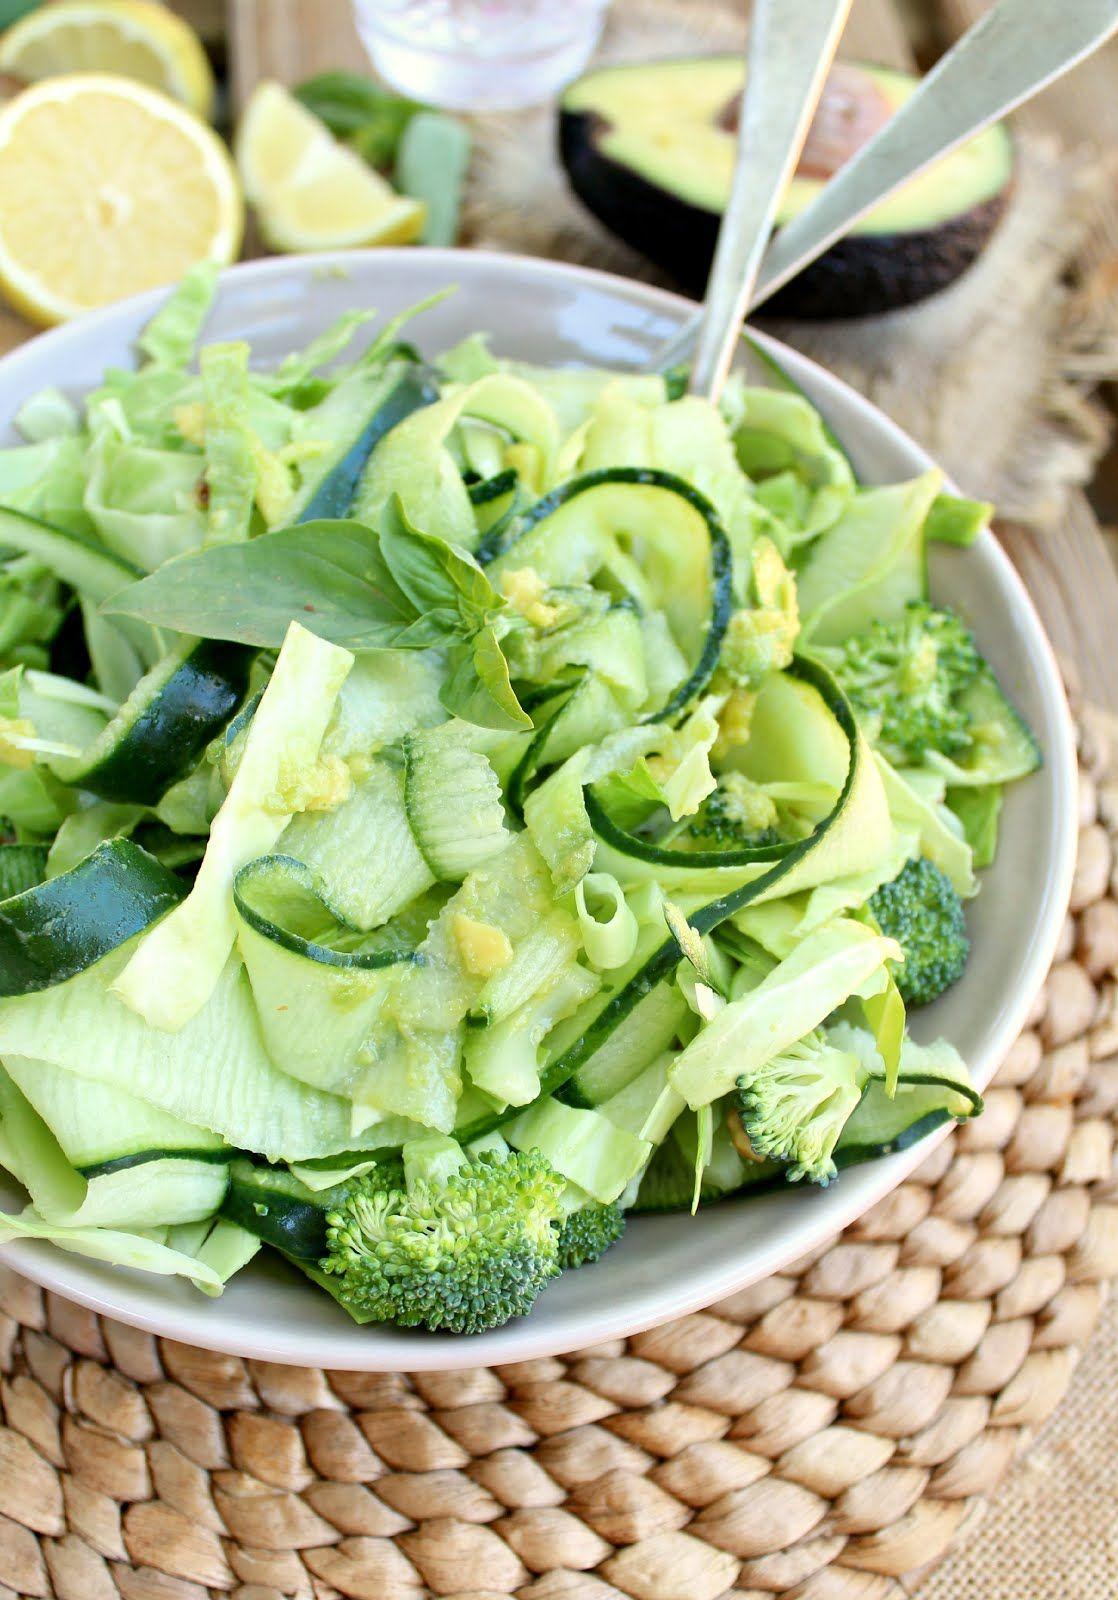 Салатики Легкие Диеты. Топ 12 самых вкусных диетических салатов для похудения